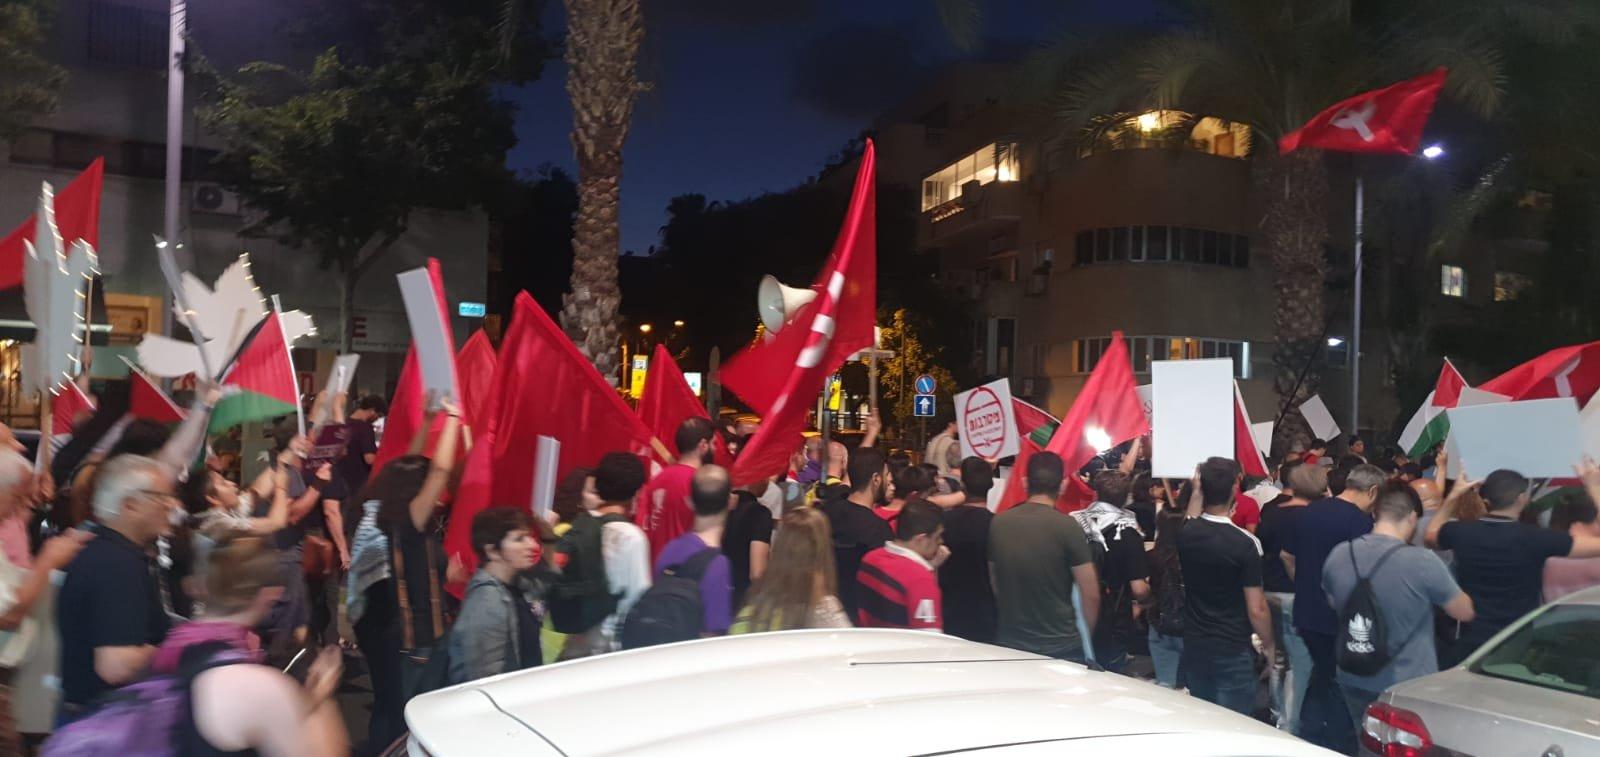 تل ابيب: انطلاق المظاهرة العربية- اليهودية بذكرى حرب ااـ67-2